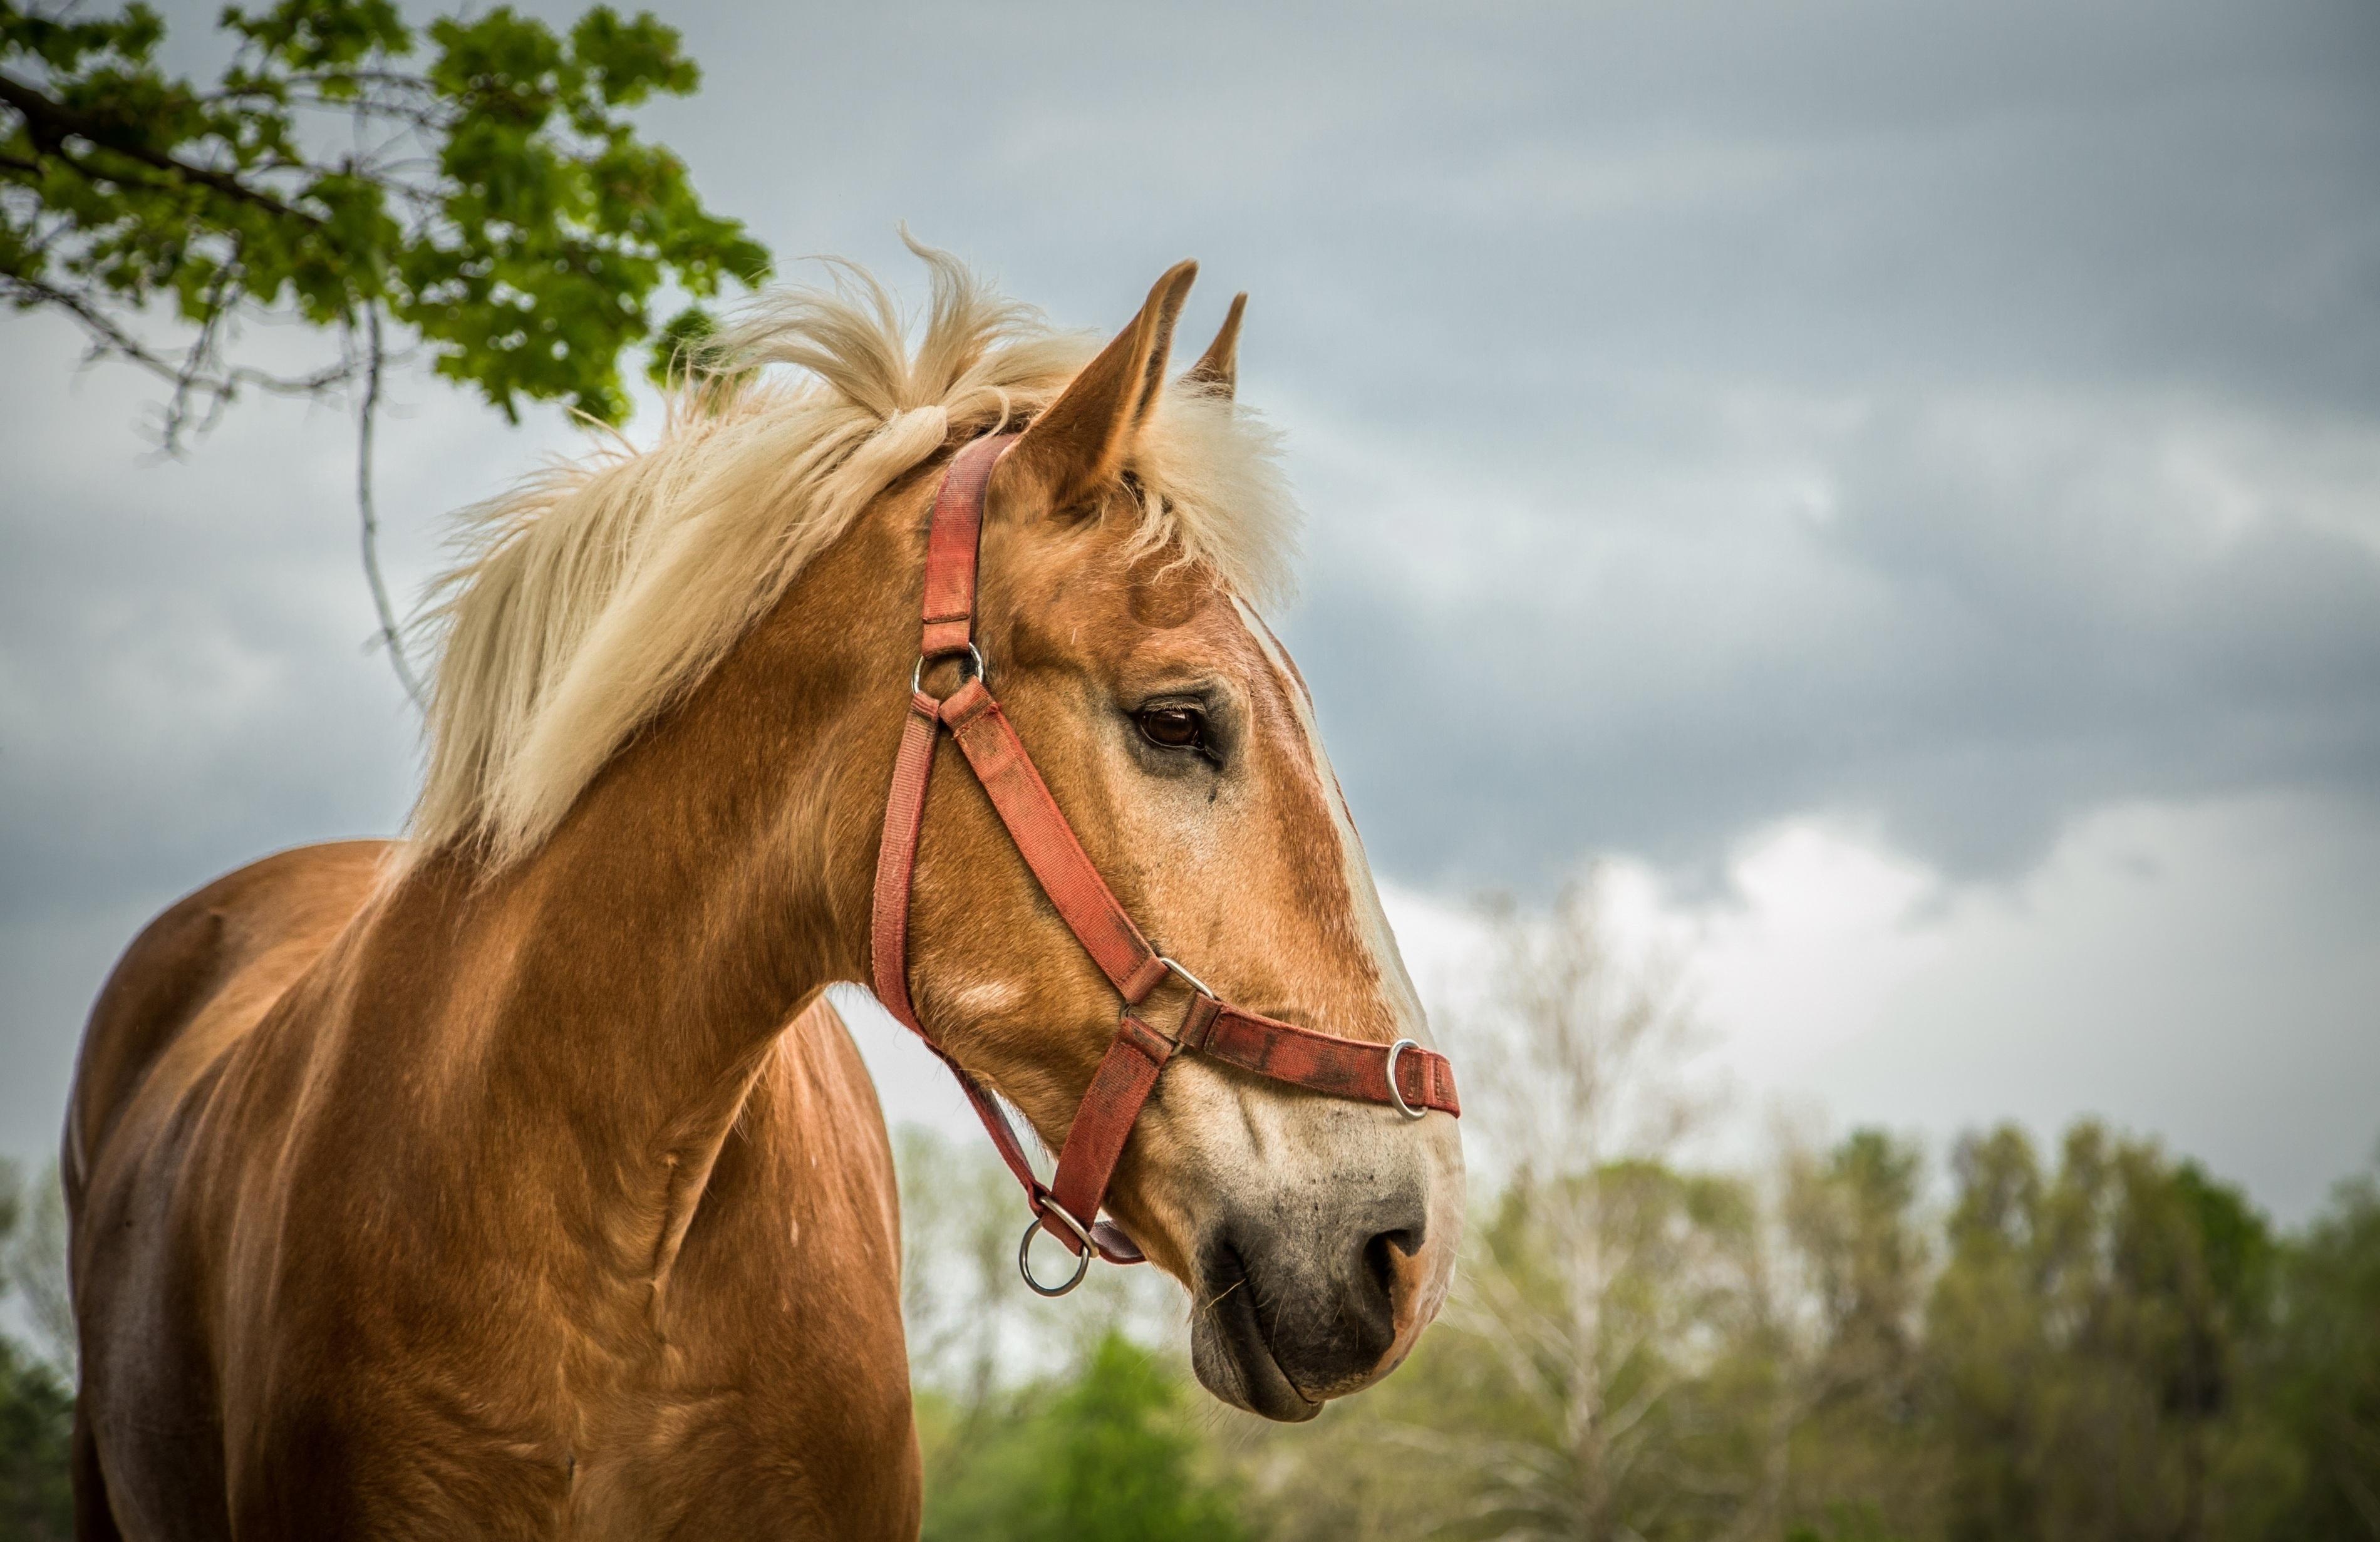 Image: Horse, muzzle, mane, eyes, trees, sky